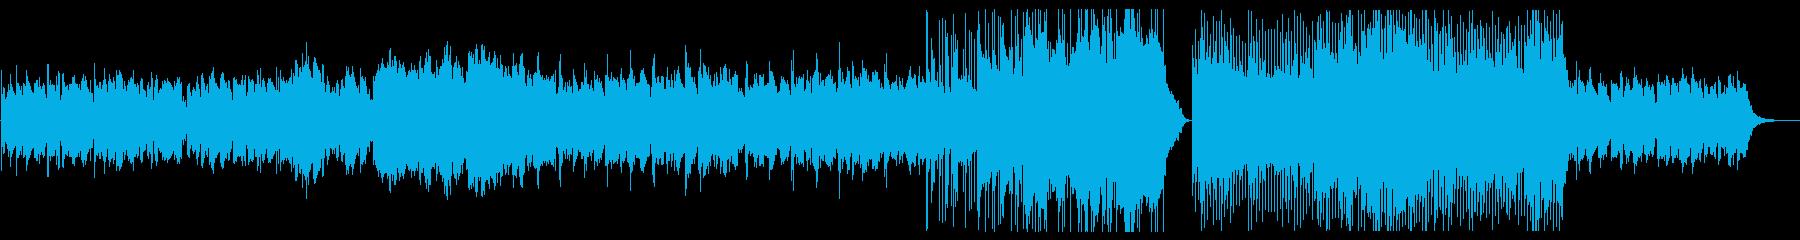 儚げなメロディが印象的なBGMの再生済みの波形